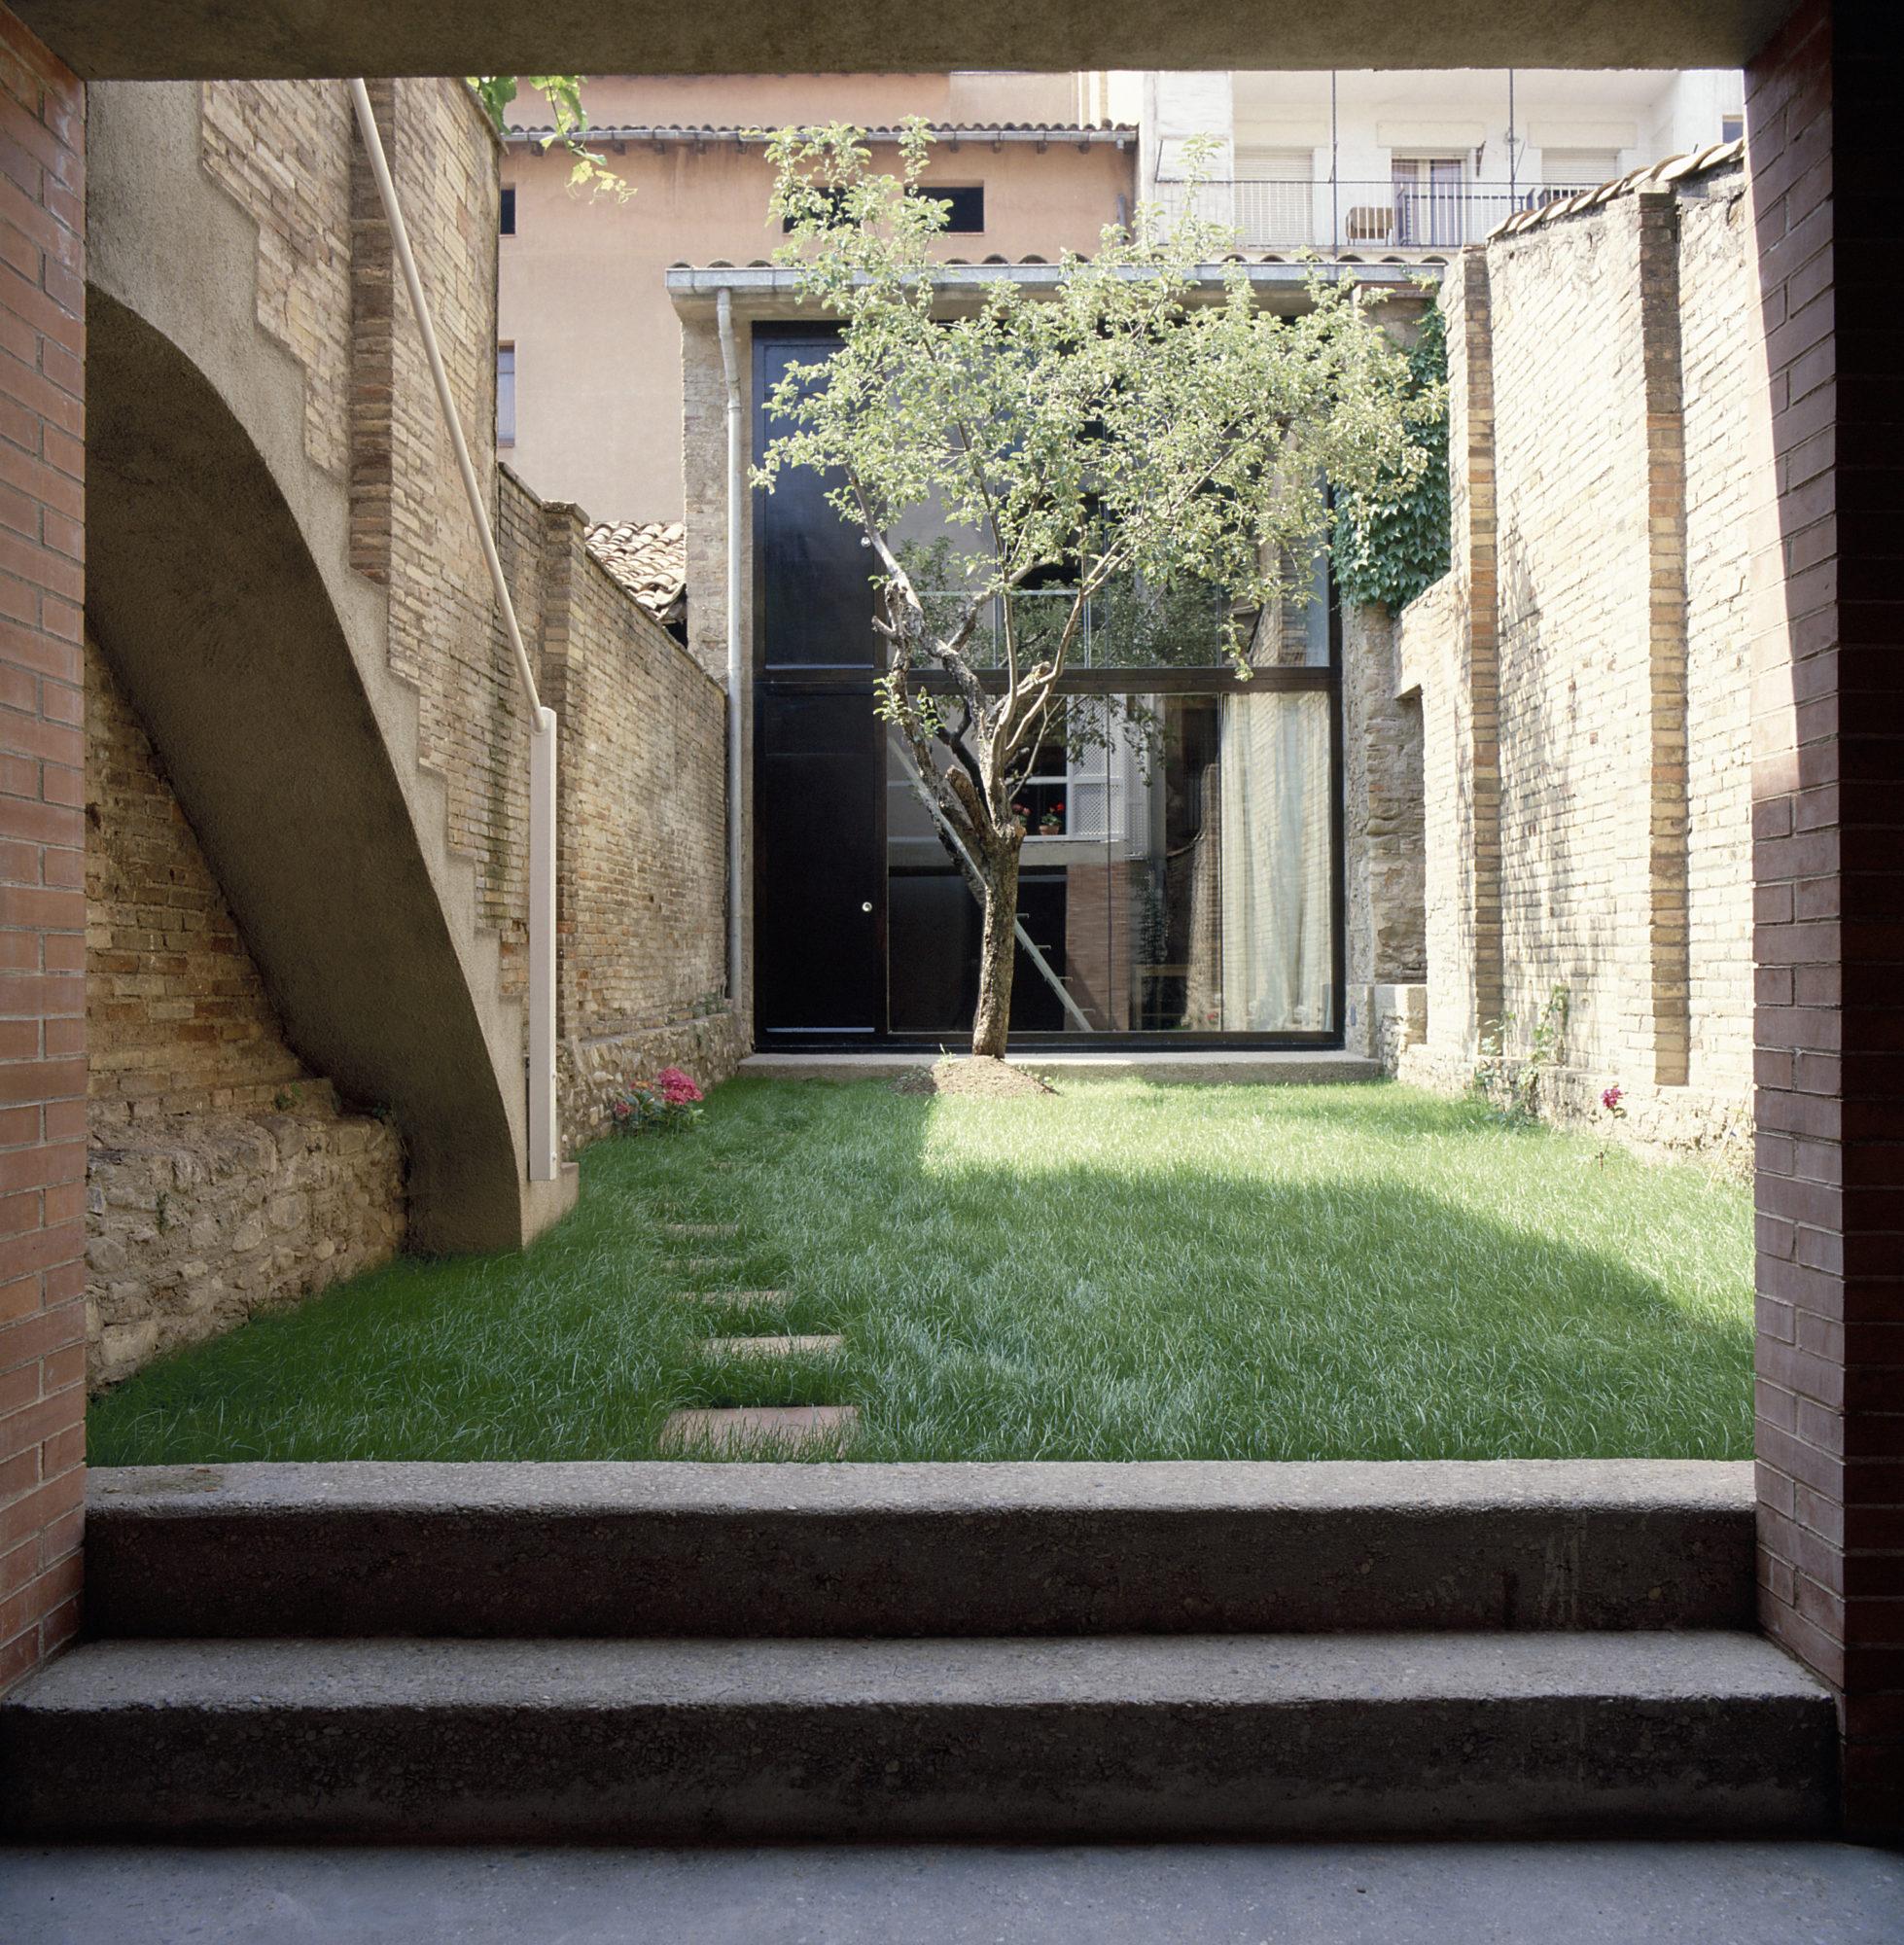 Furriols House - Garcés - de Seta - Bonet